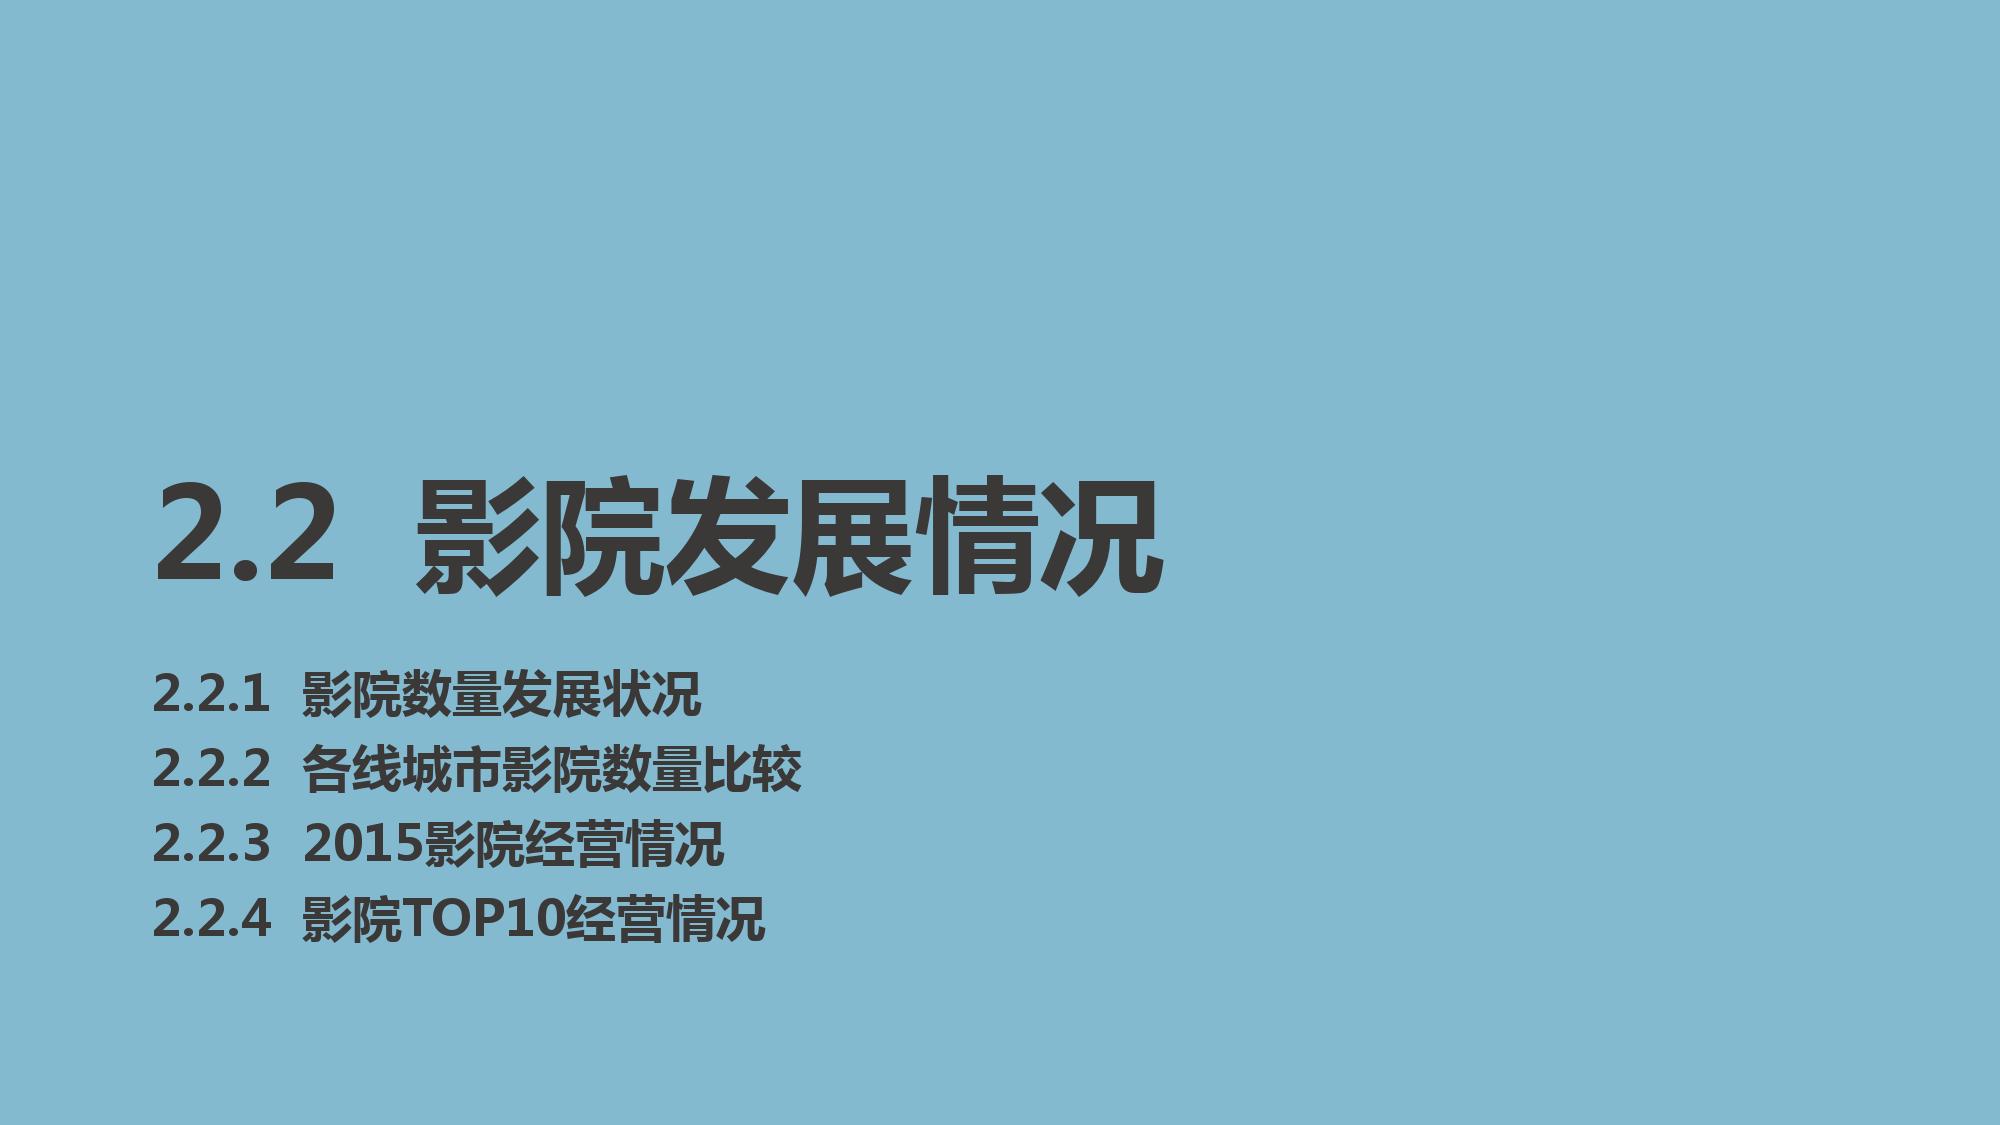 2015年度中国电影产业报告_000030